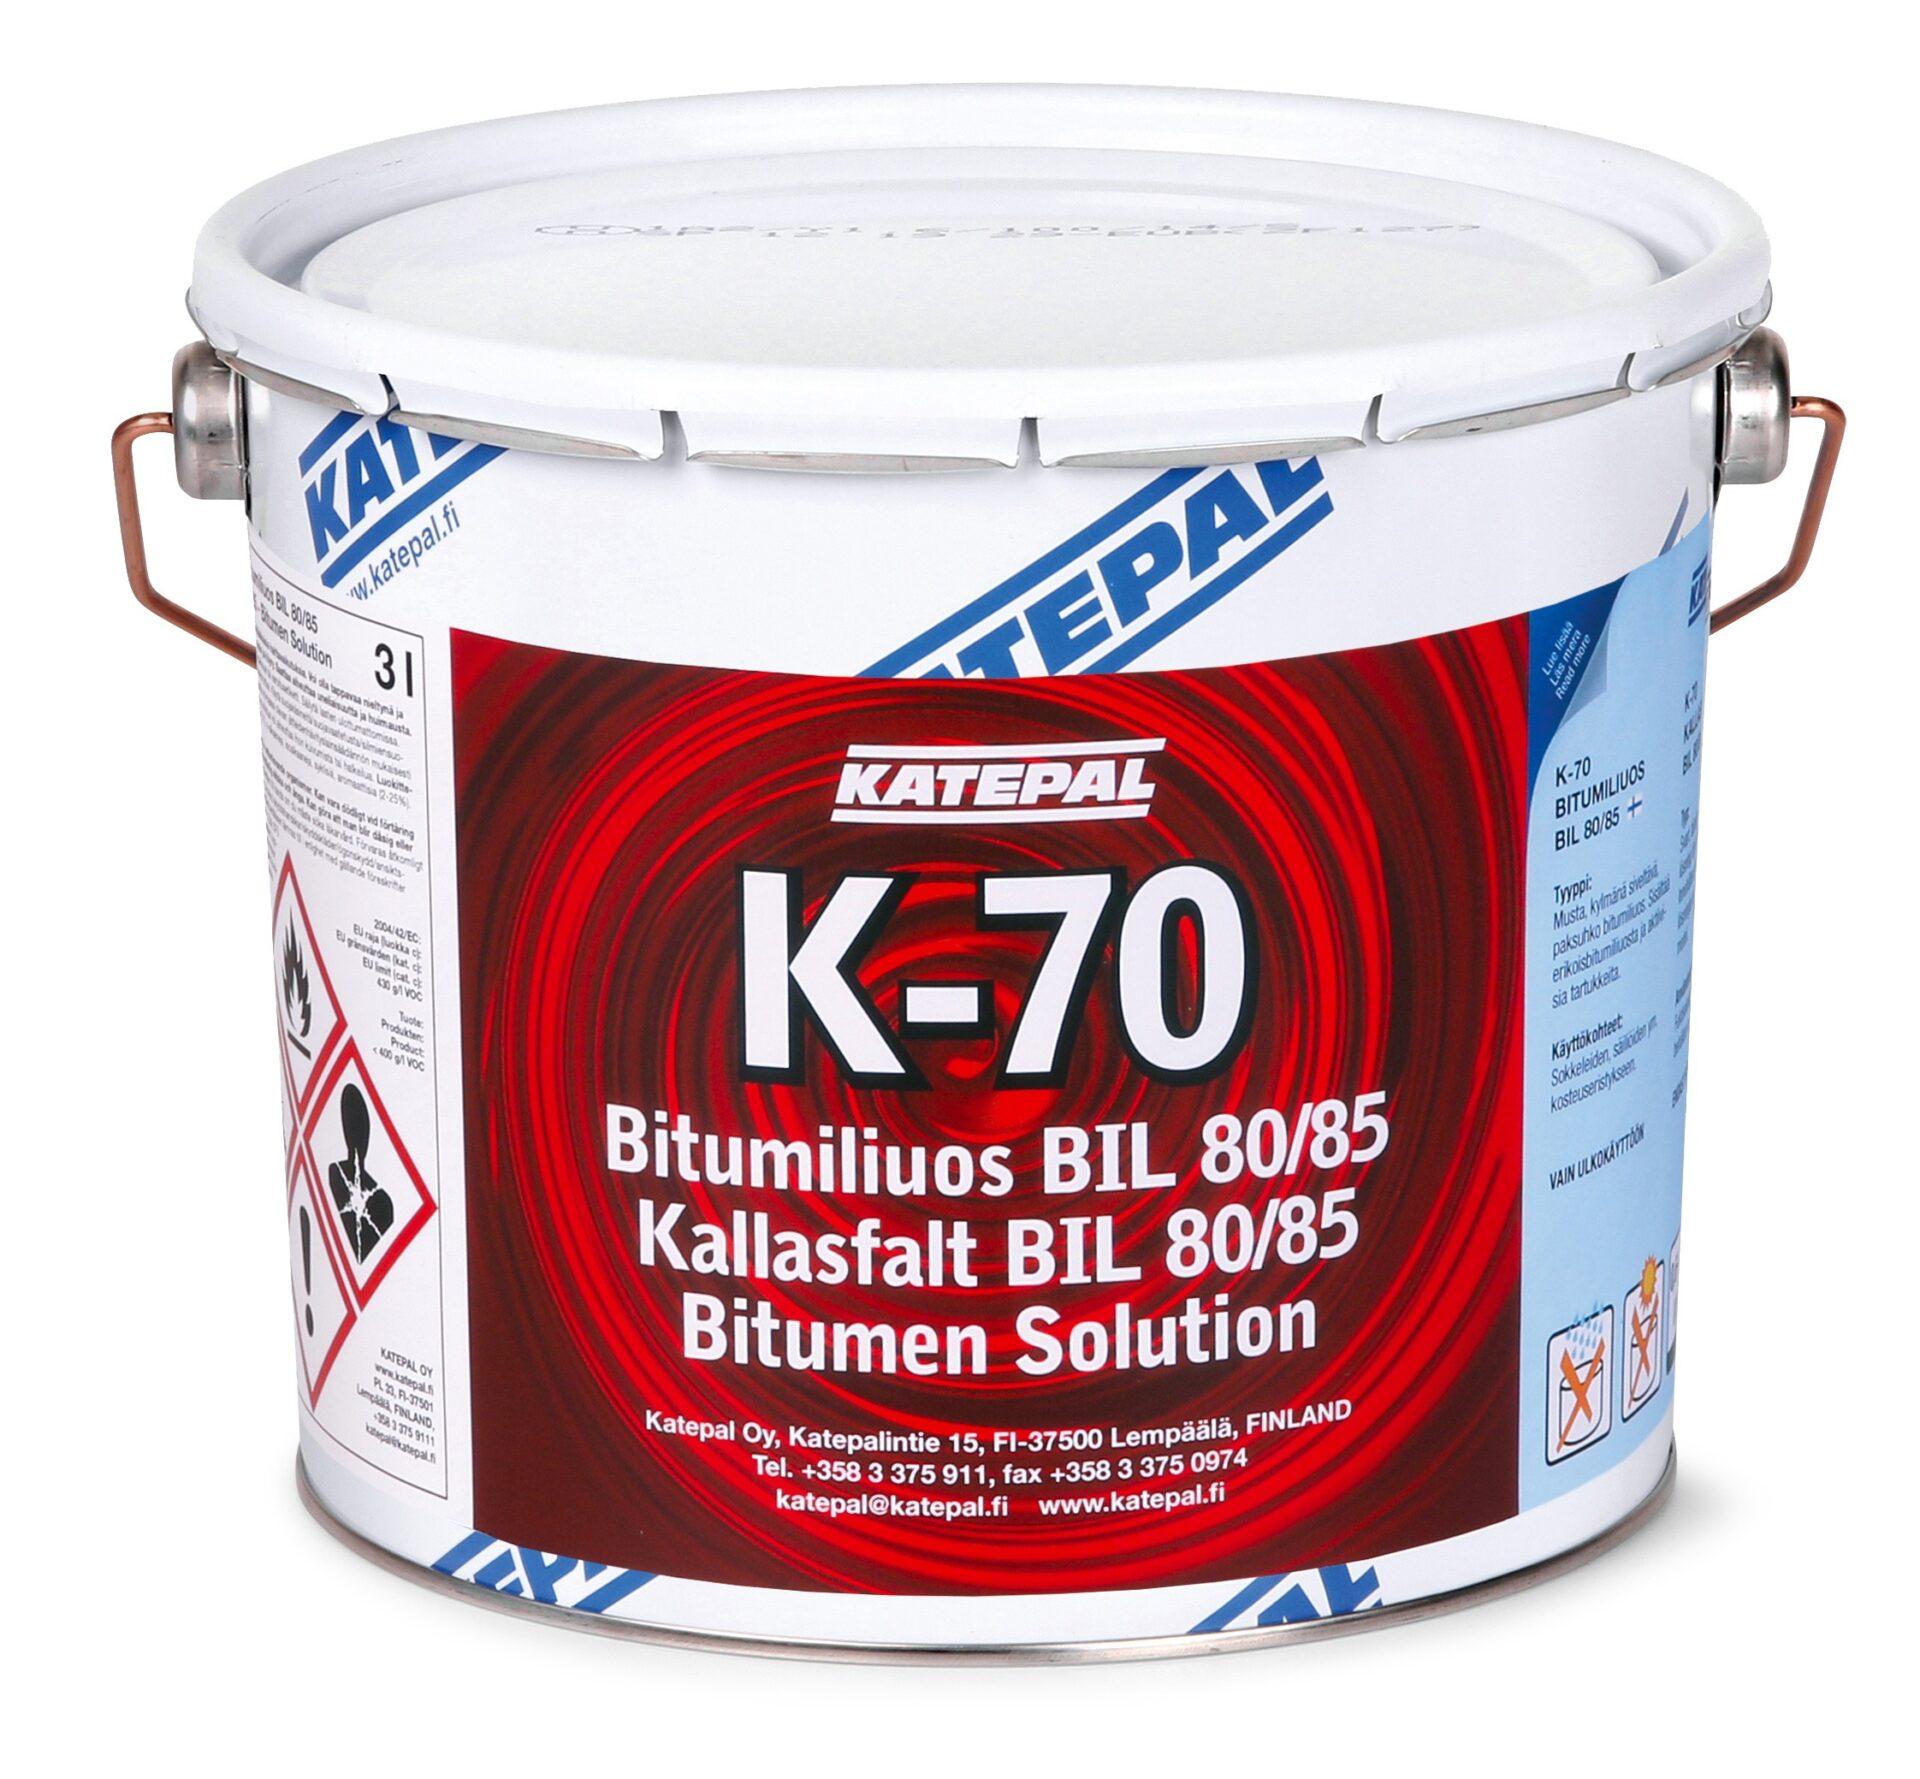 K-70 Bitumiliuos